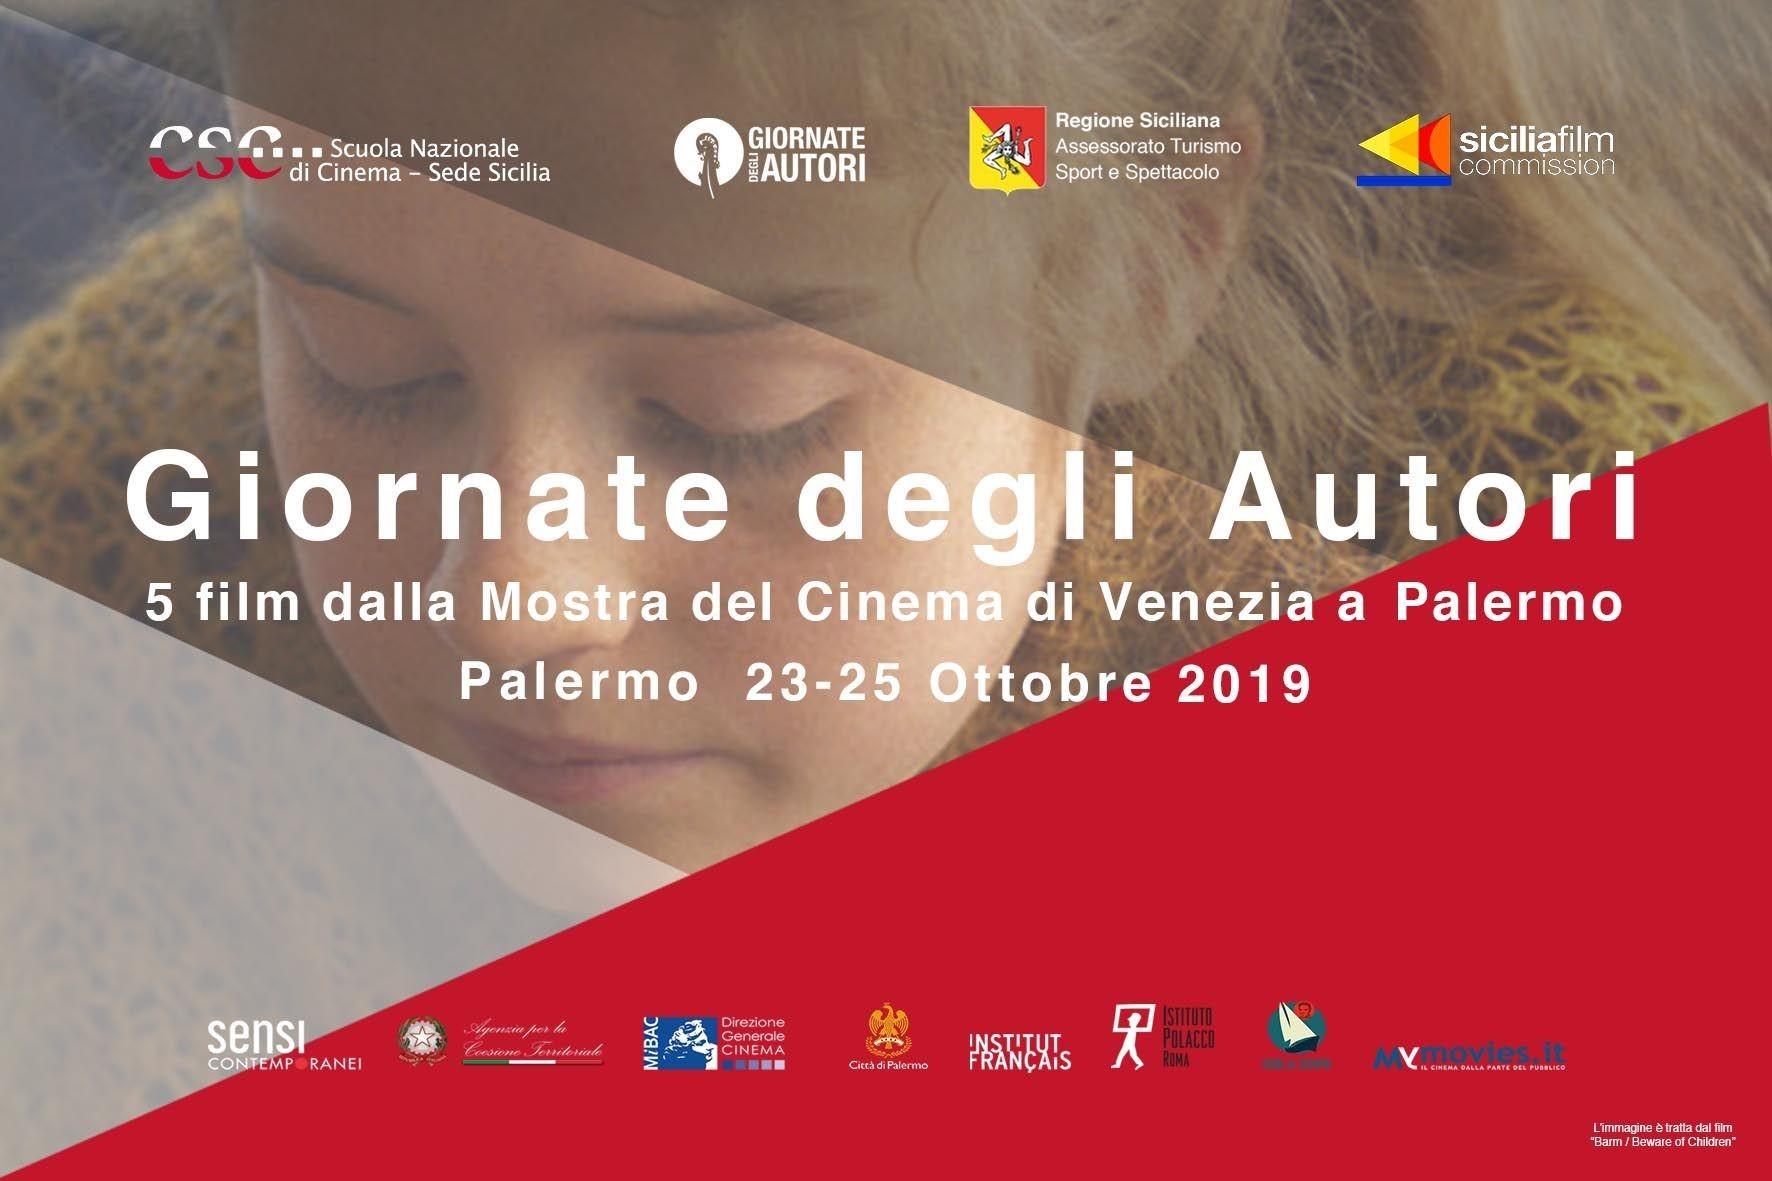 Immagine di Giornate degli Autori: 5 film dalla Mostra del Cinema di Venezia a Palermo